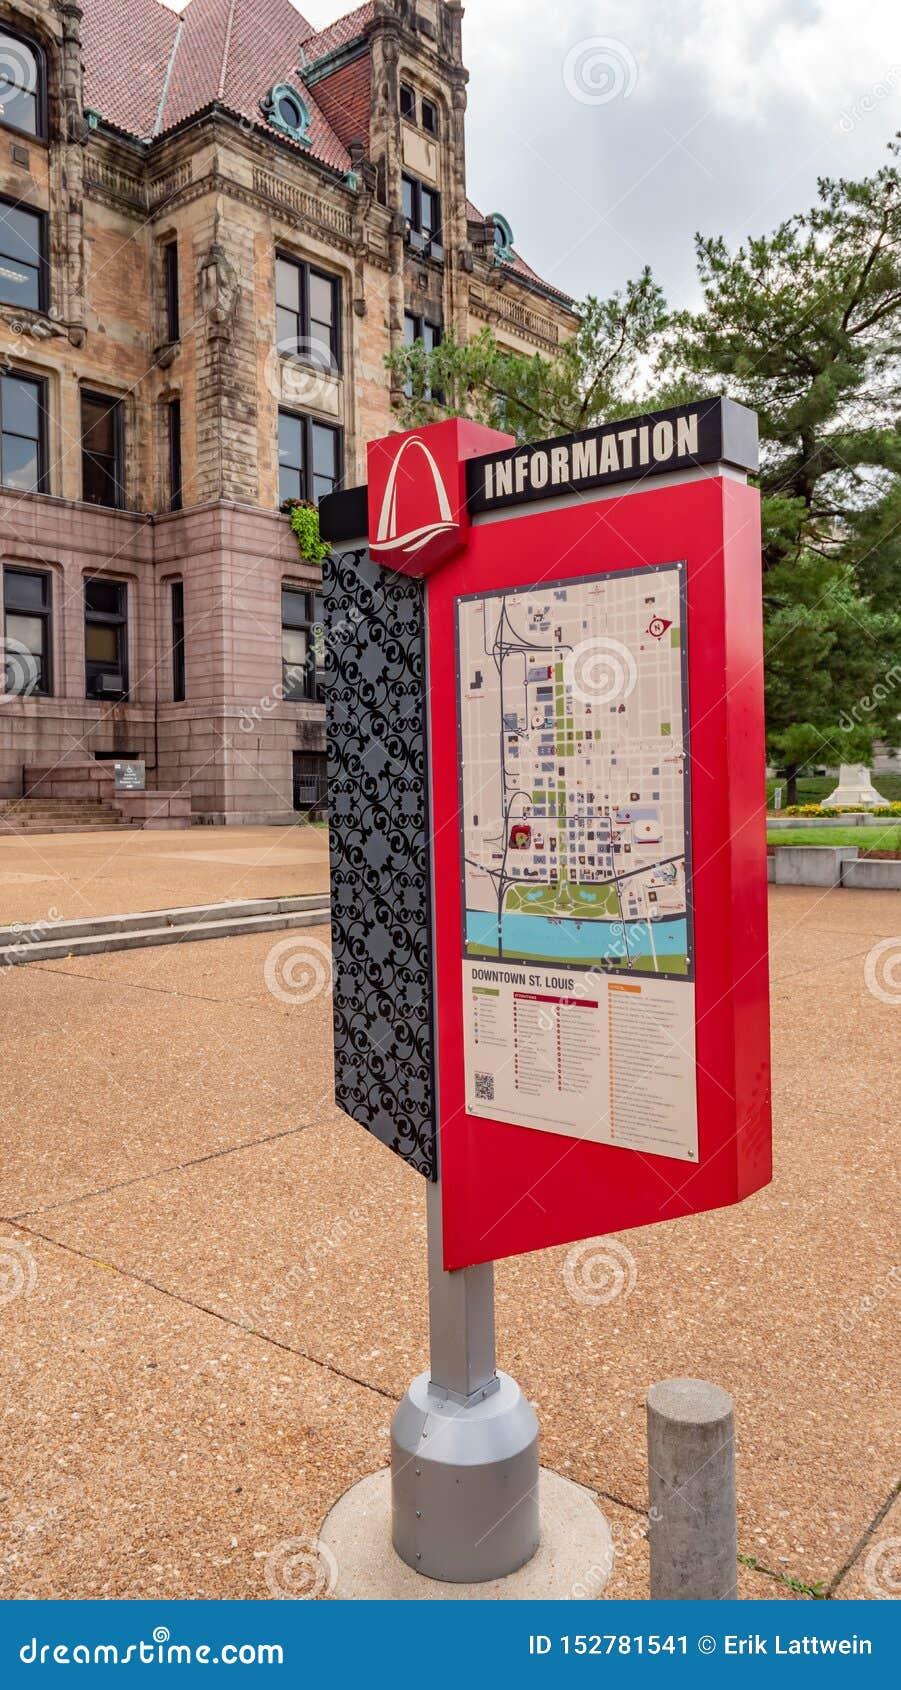 Śródmieścia St Louis ewidencyjna mapa - ST LOUIS, usa - CZERWIEC 19, 2019